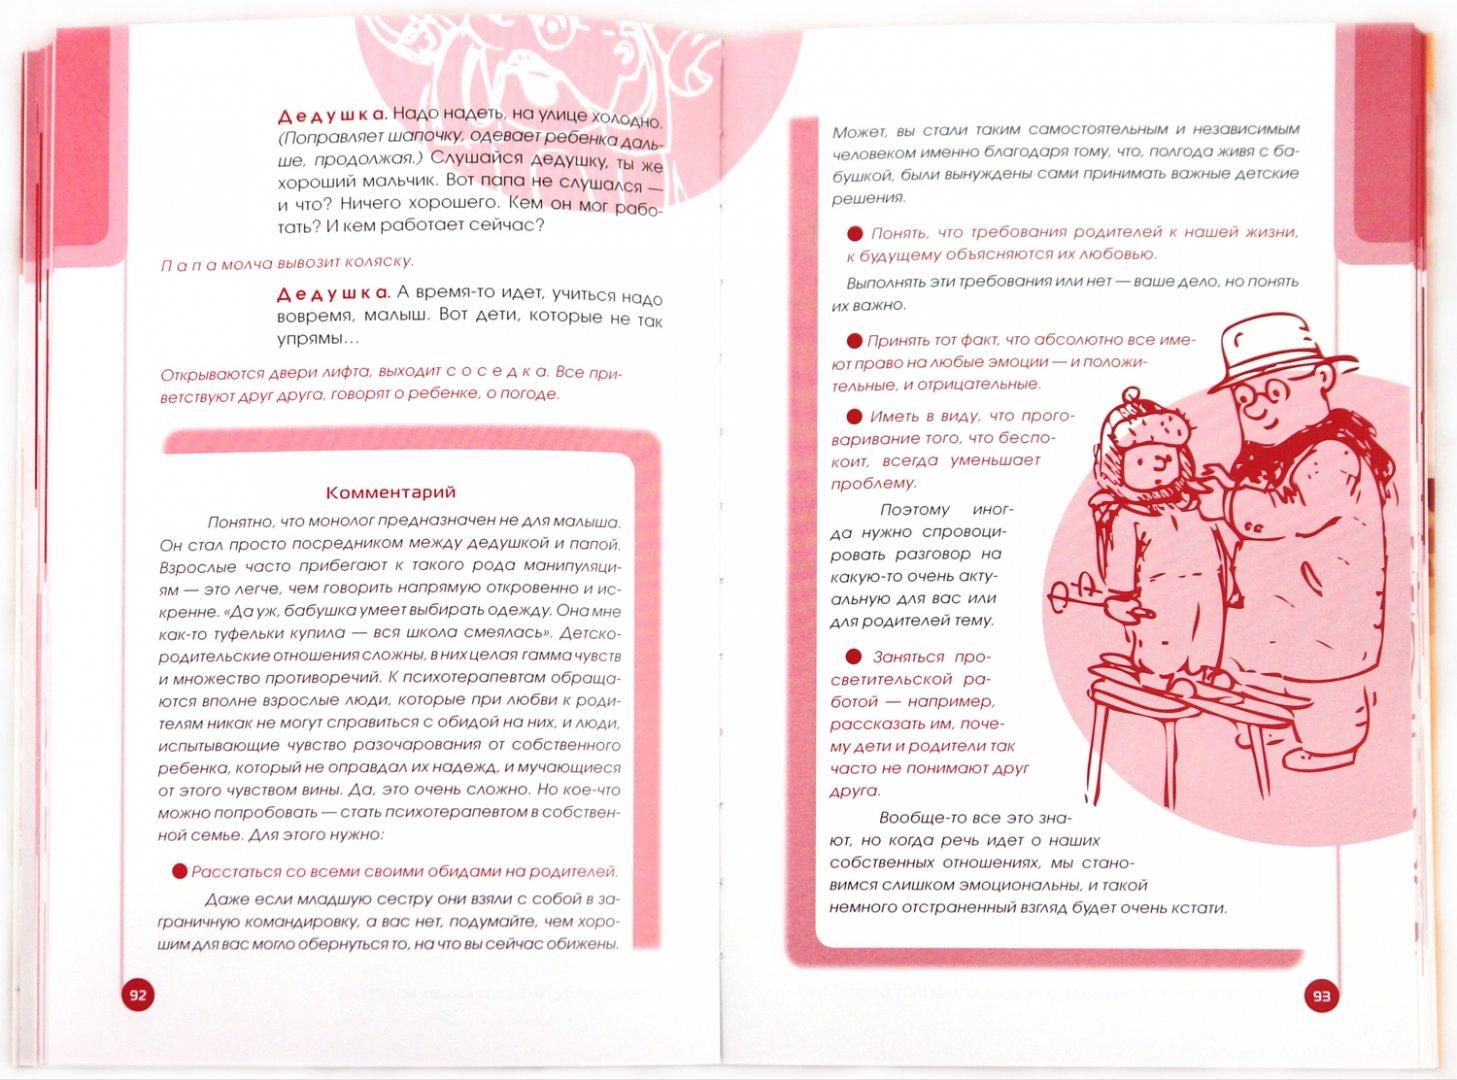 Иллюстрация 2 из 7 для Родителям о детях. Воспитываем ребенка? Или себя? - Светлана Иевлева | Лабиринт - книги. Источник: Лабиринт